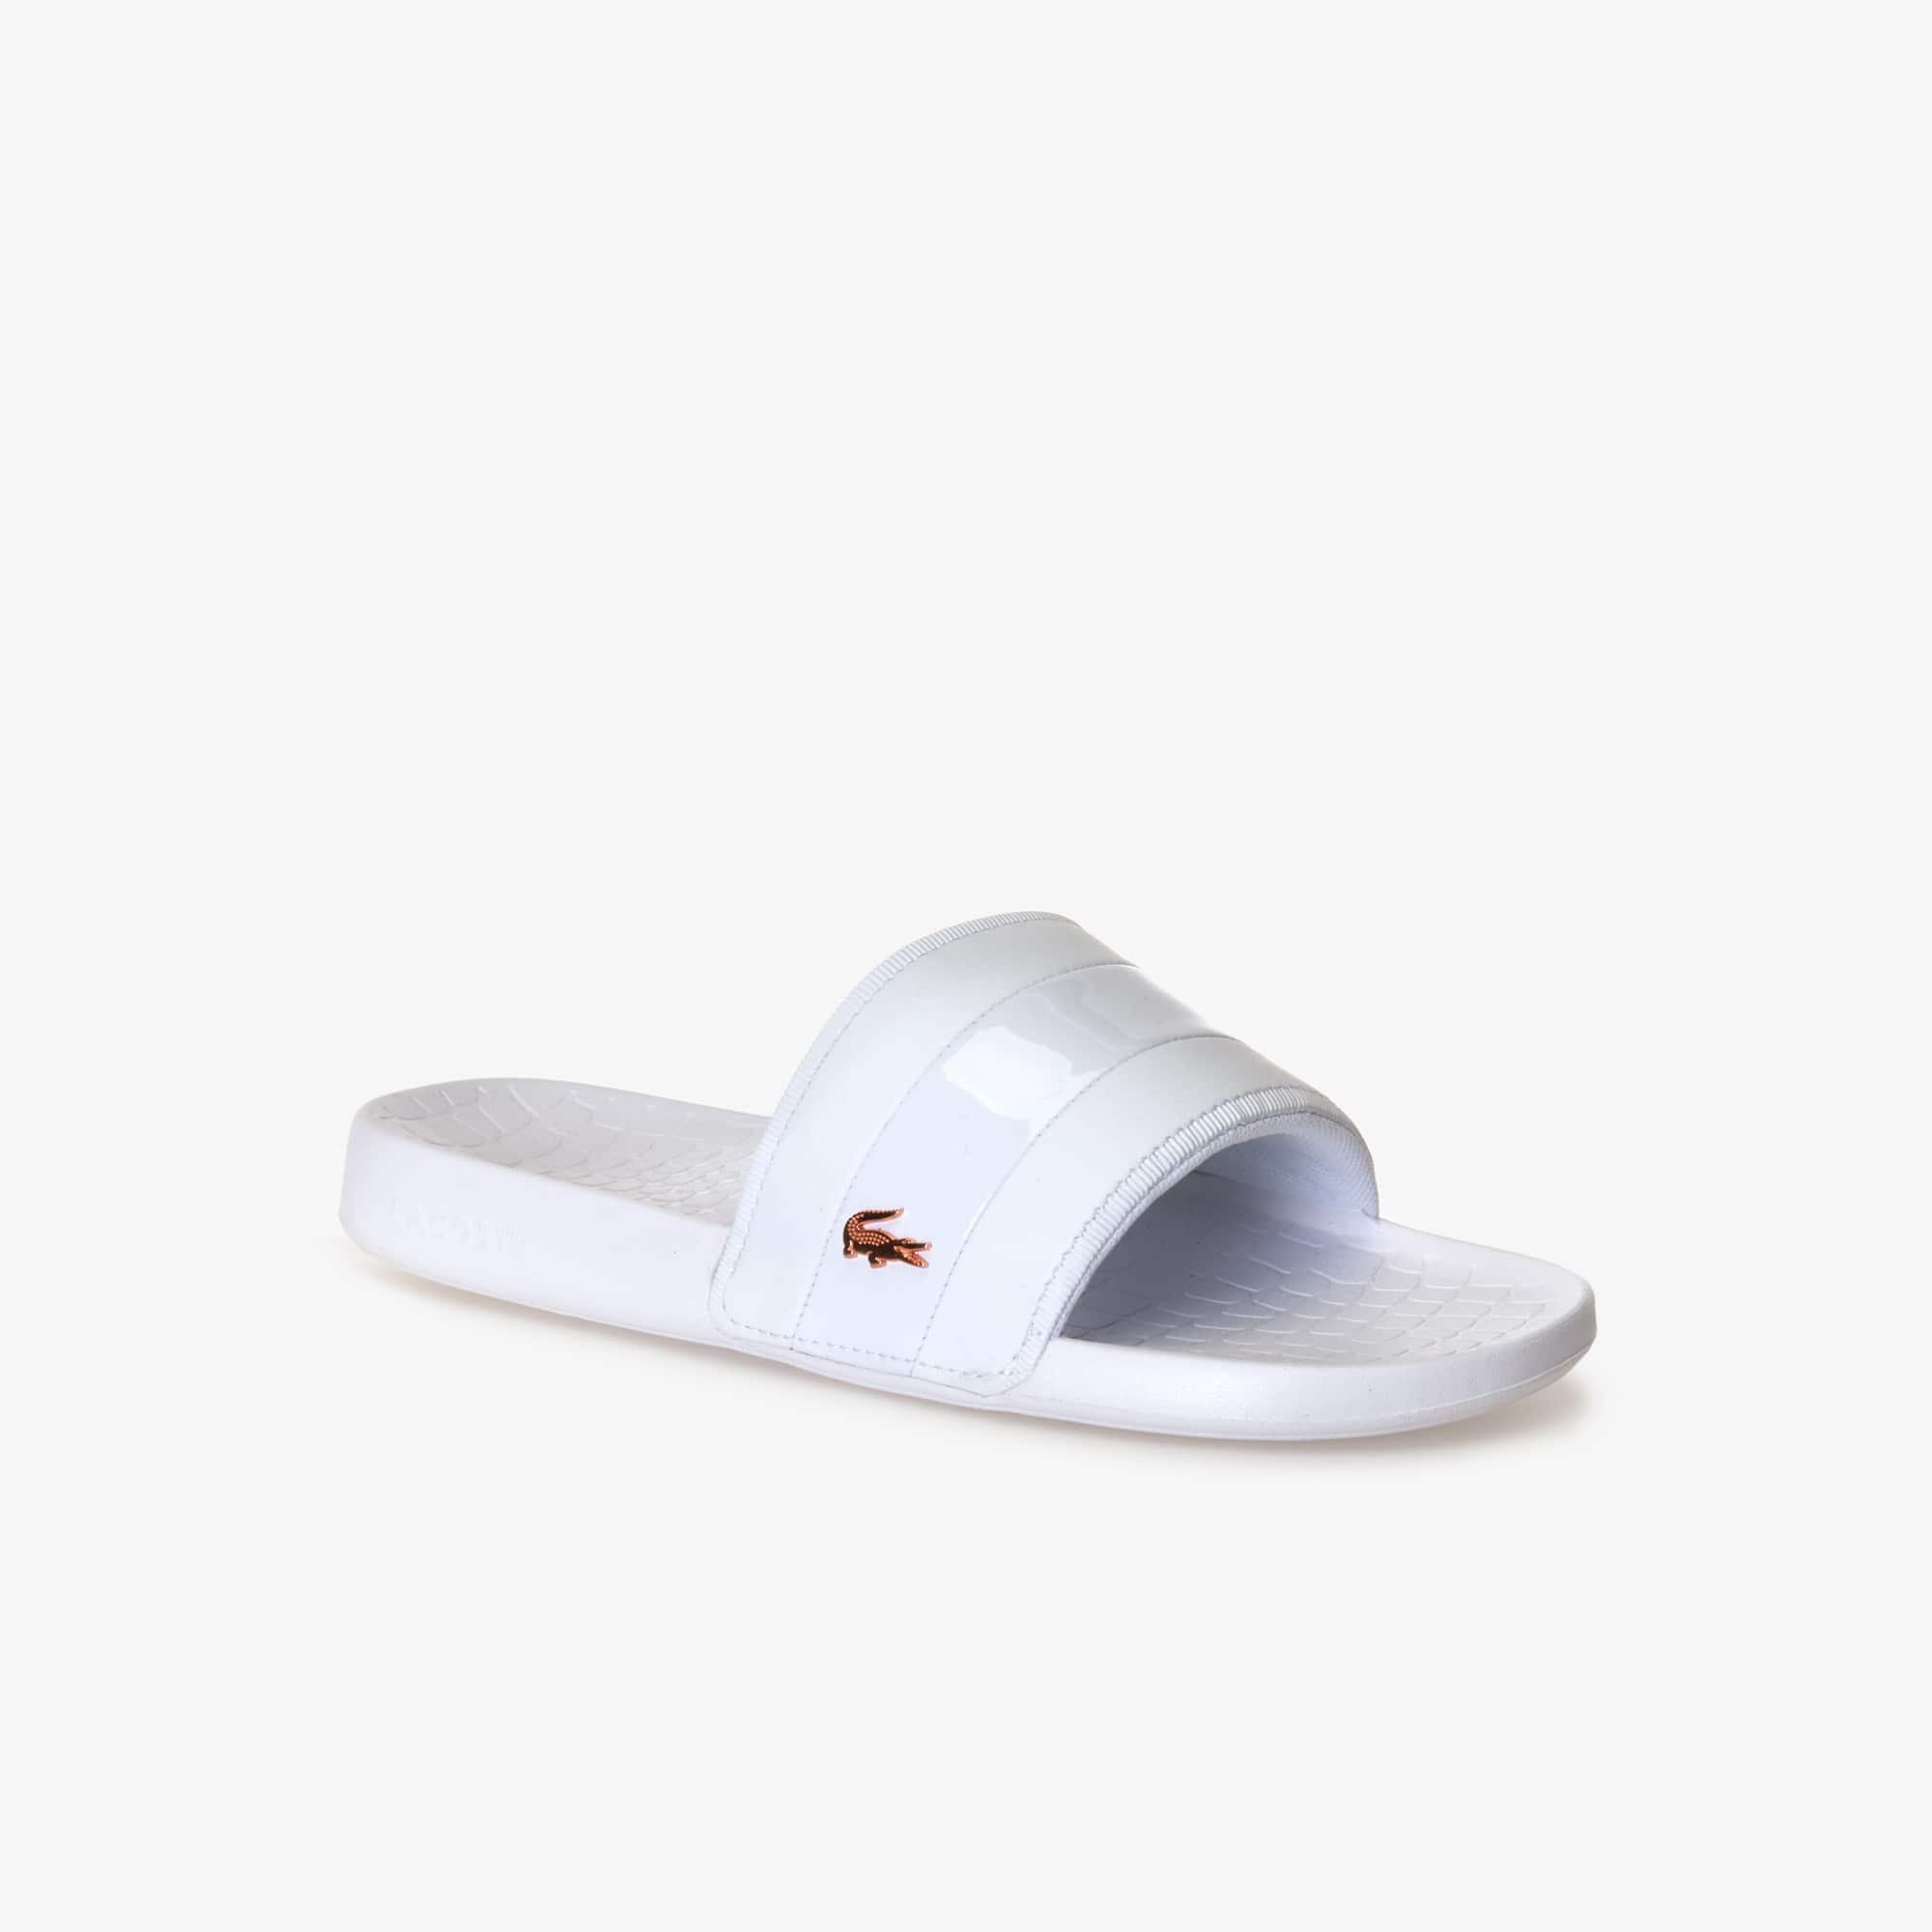 fde1a73a61eaa9 ... Sale best shoes 82c3a 968a0  Women s Fraisier Leather Slides LACOSTE  lowest discount a529f a16c8  Exclusive Mens Slides Flip Flops ...